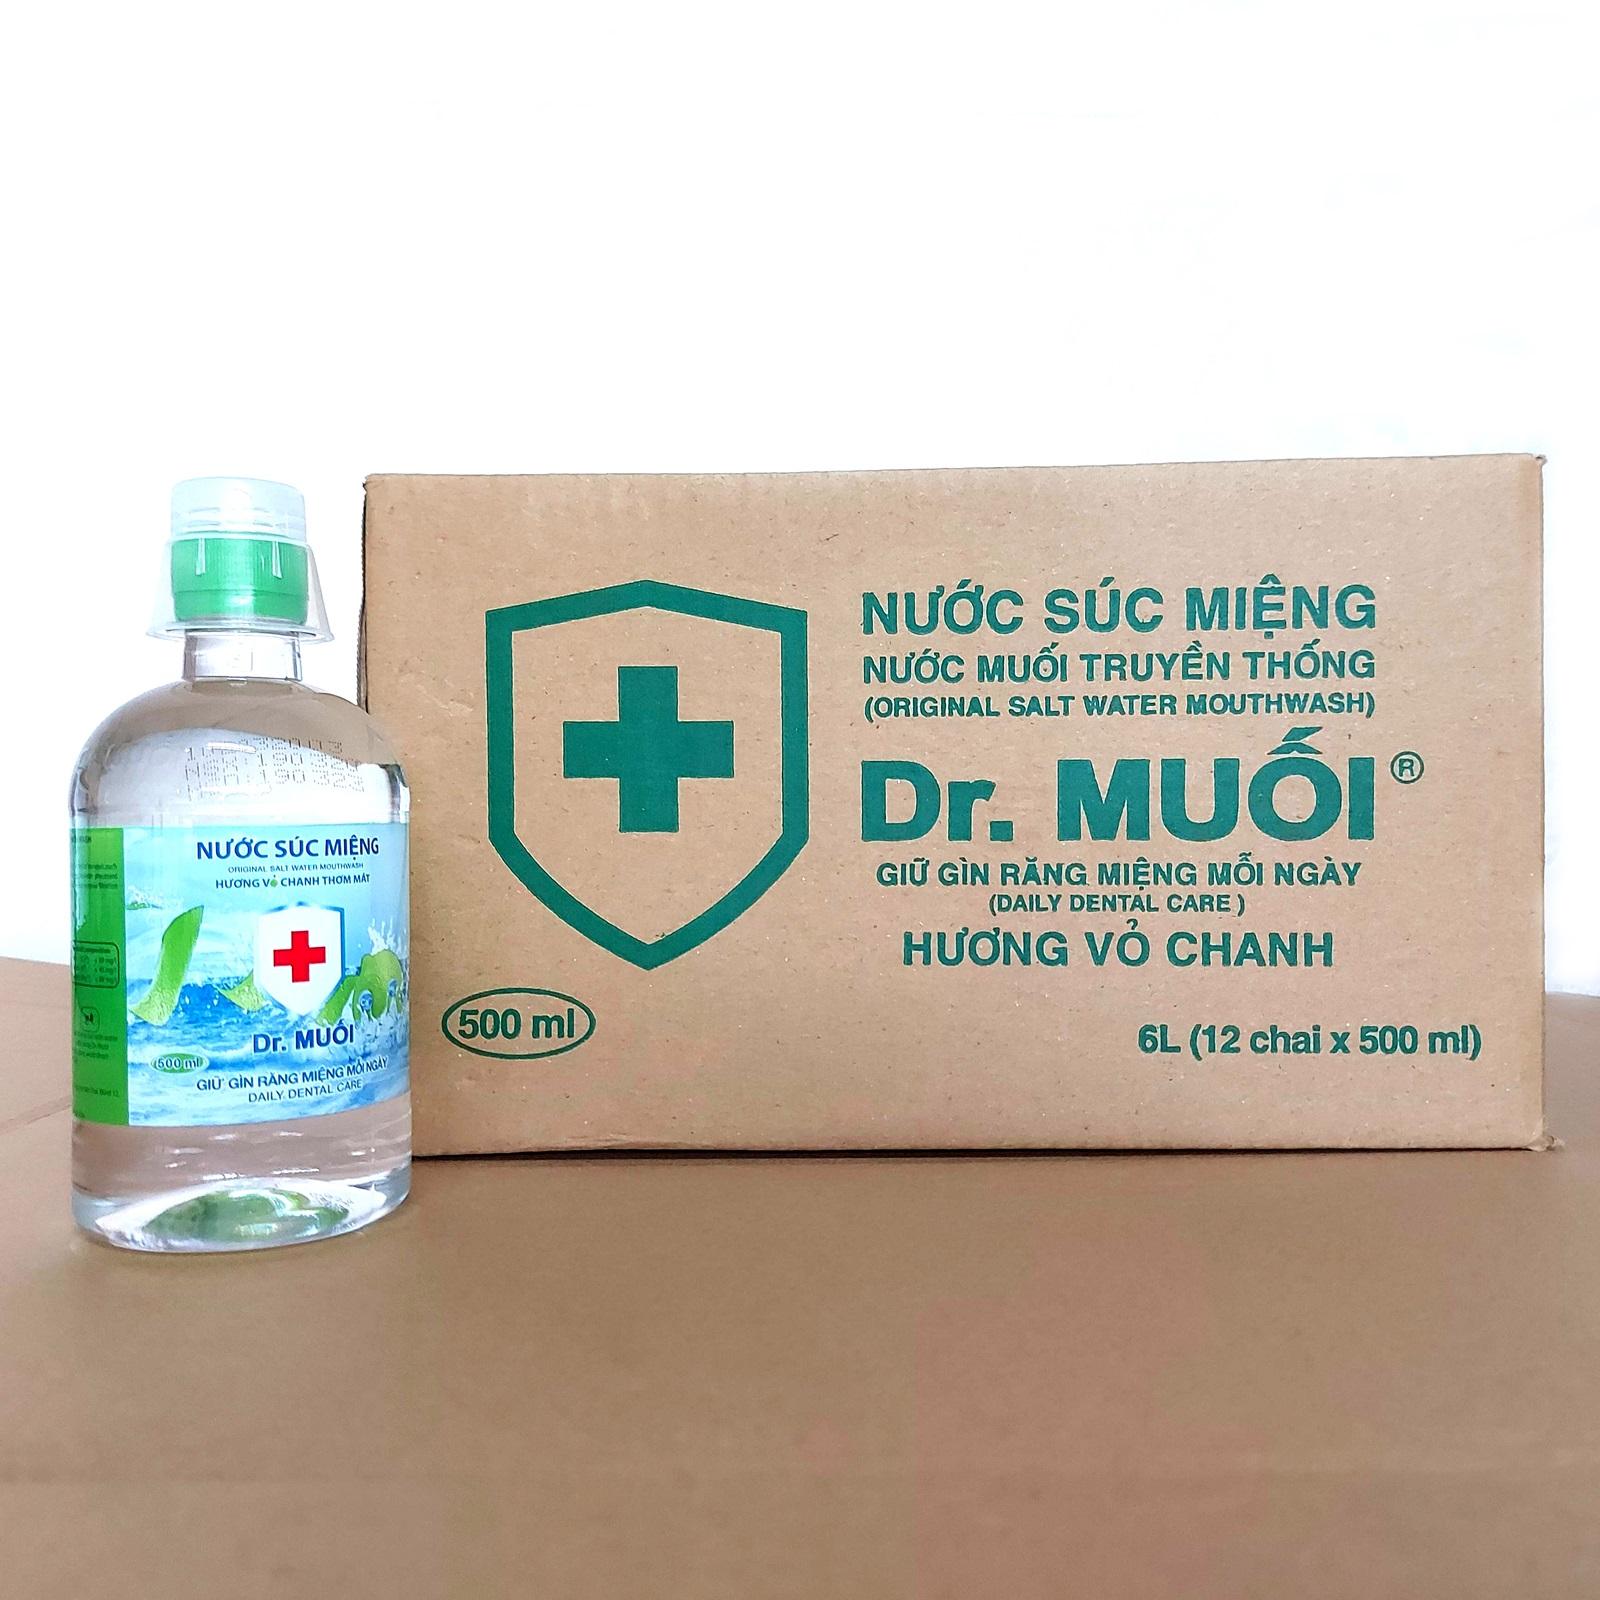 1 Thùng 12 chai Nước súc miệng Dr. Muối hương vỏ chanh 500ml